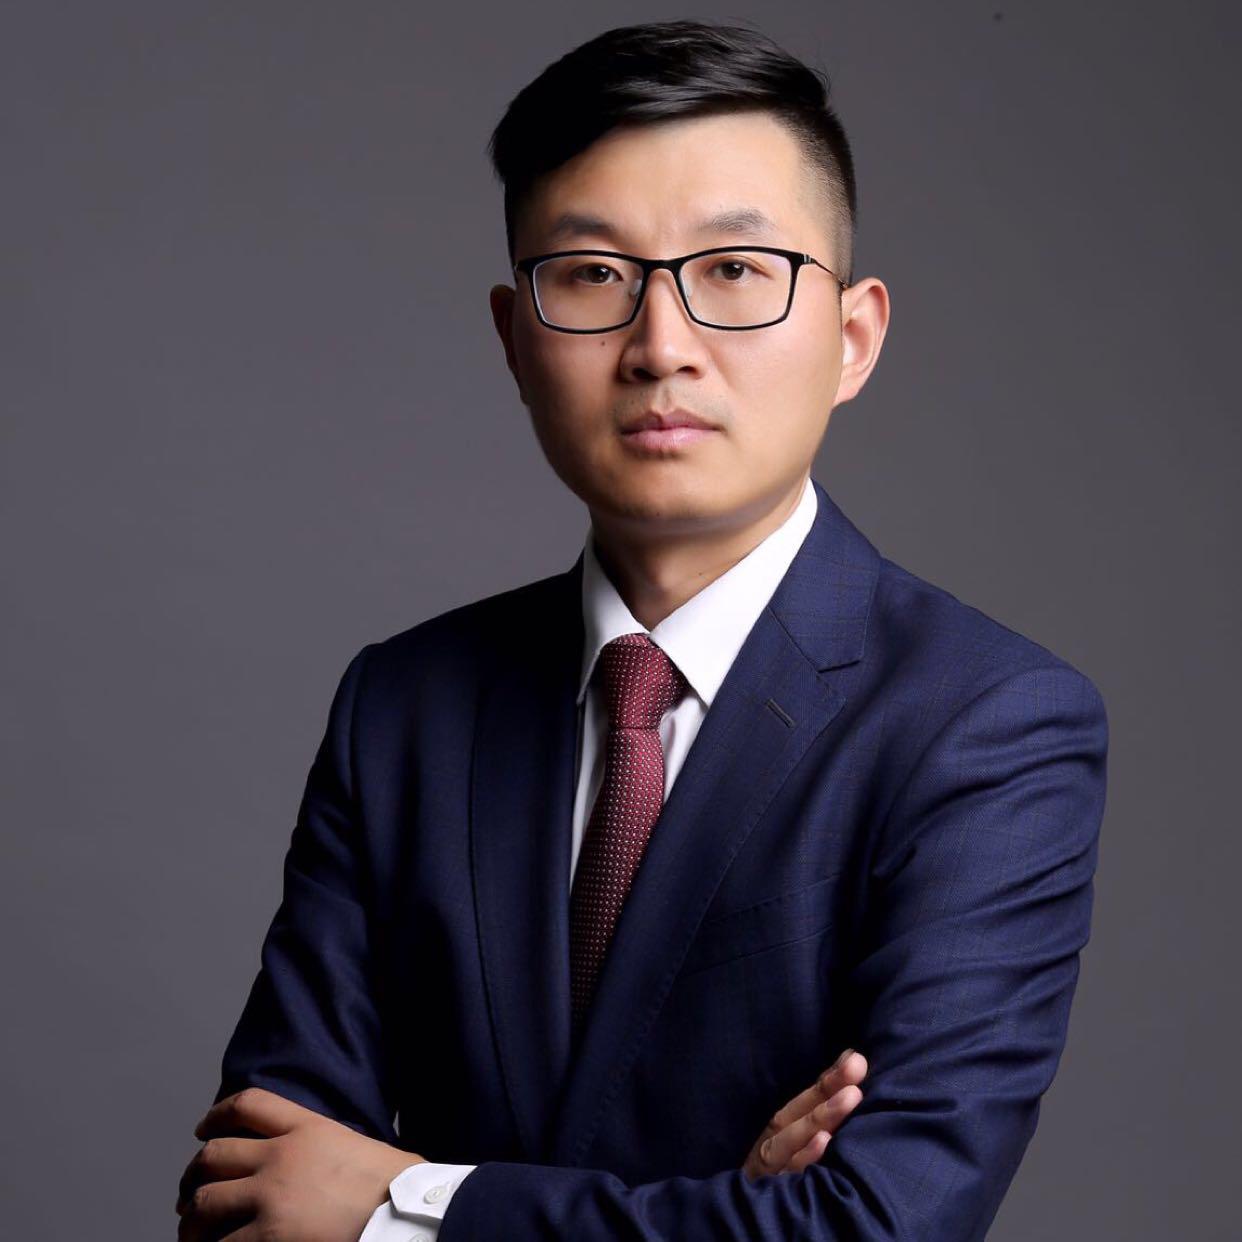 北京刑事律师刘高锋:买卖北京小客车指标涉嫌买卖国家机关公文罪